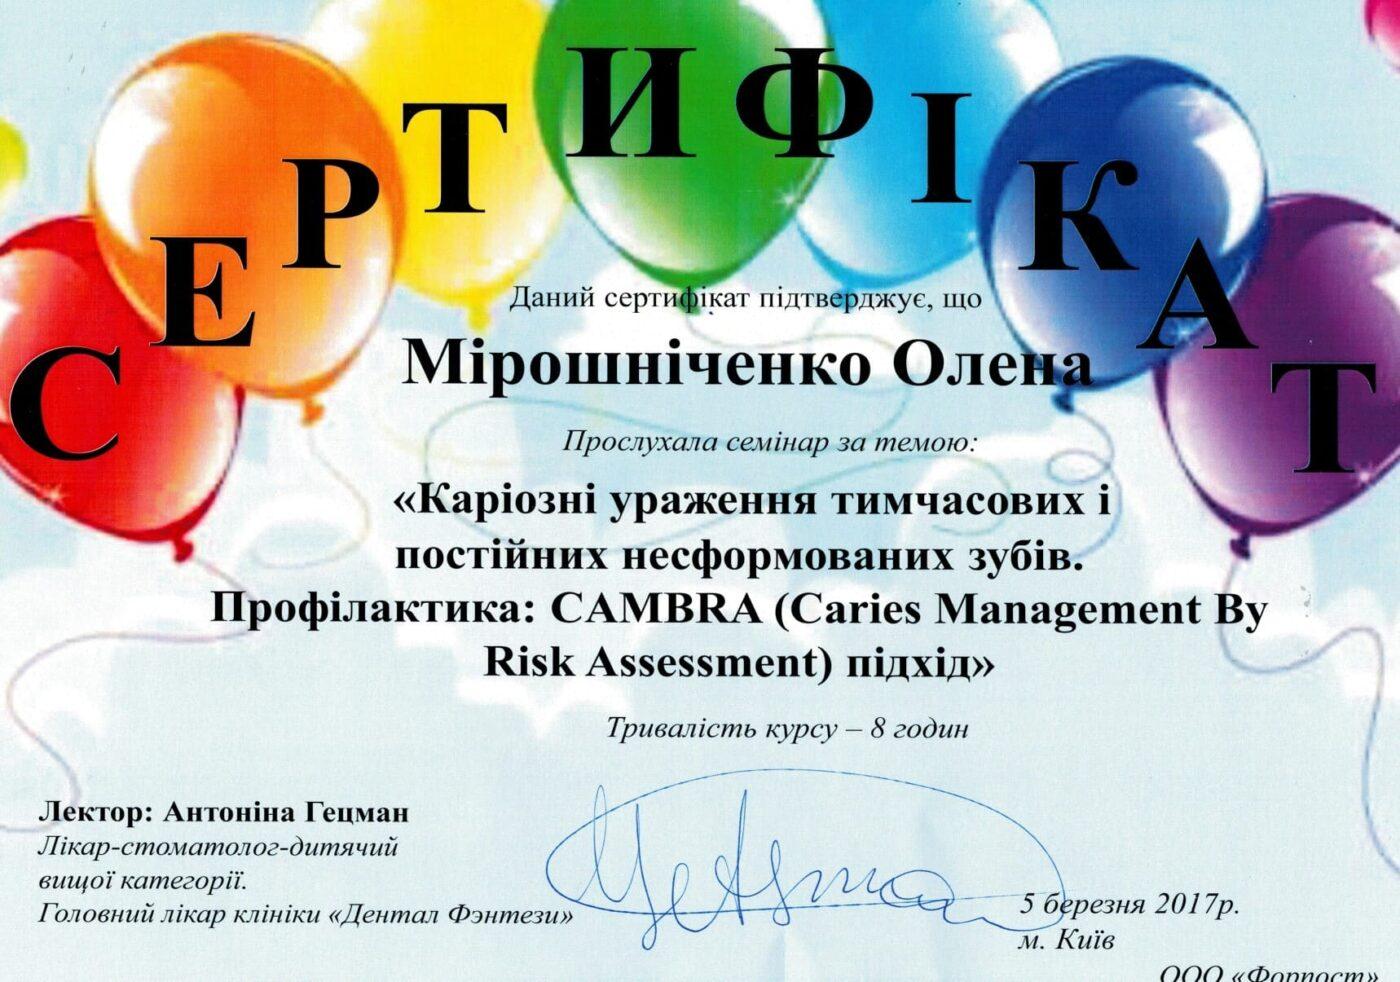 Сертифікат дитячого лікаря стоматолога Мірошниченко Олени Вікторівни об участі у семінарі (Каріозні ураження тимчасових і постійних несформованих зубів. Профілактика: CAMBRA (Caries Management By Risk Assessment) підхід)